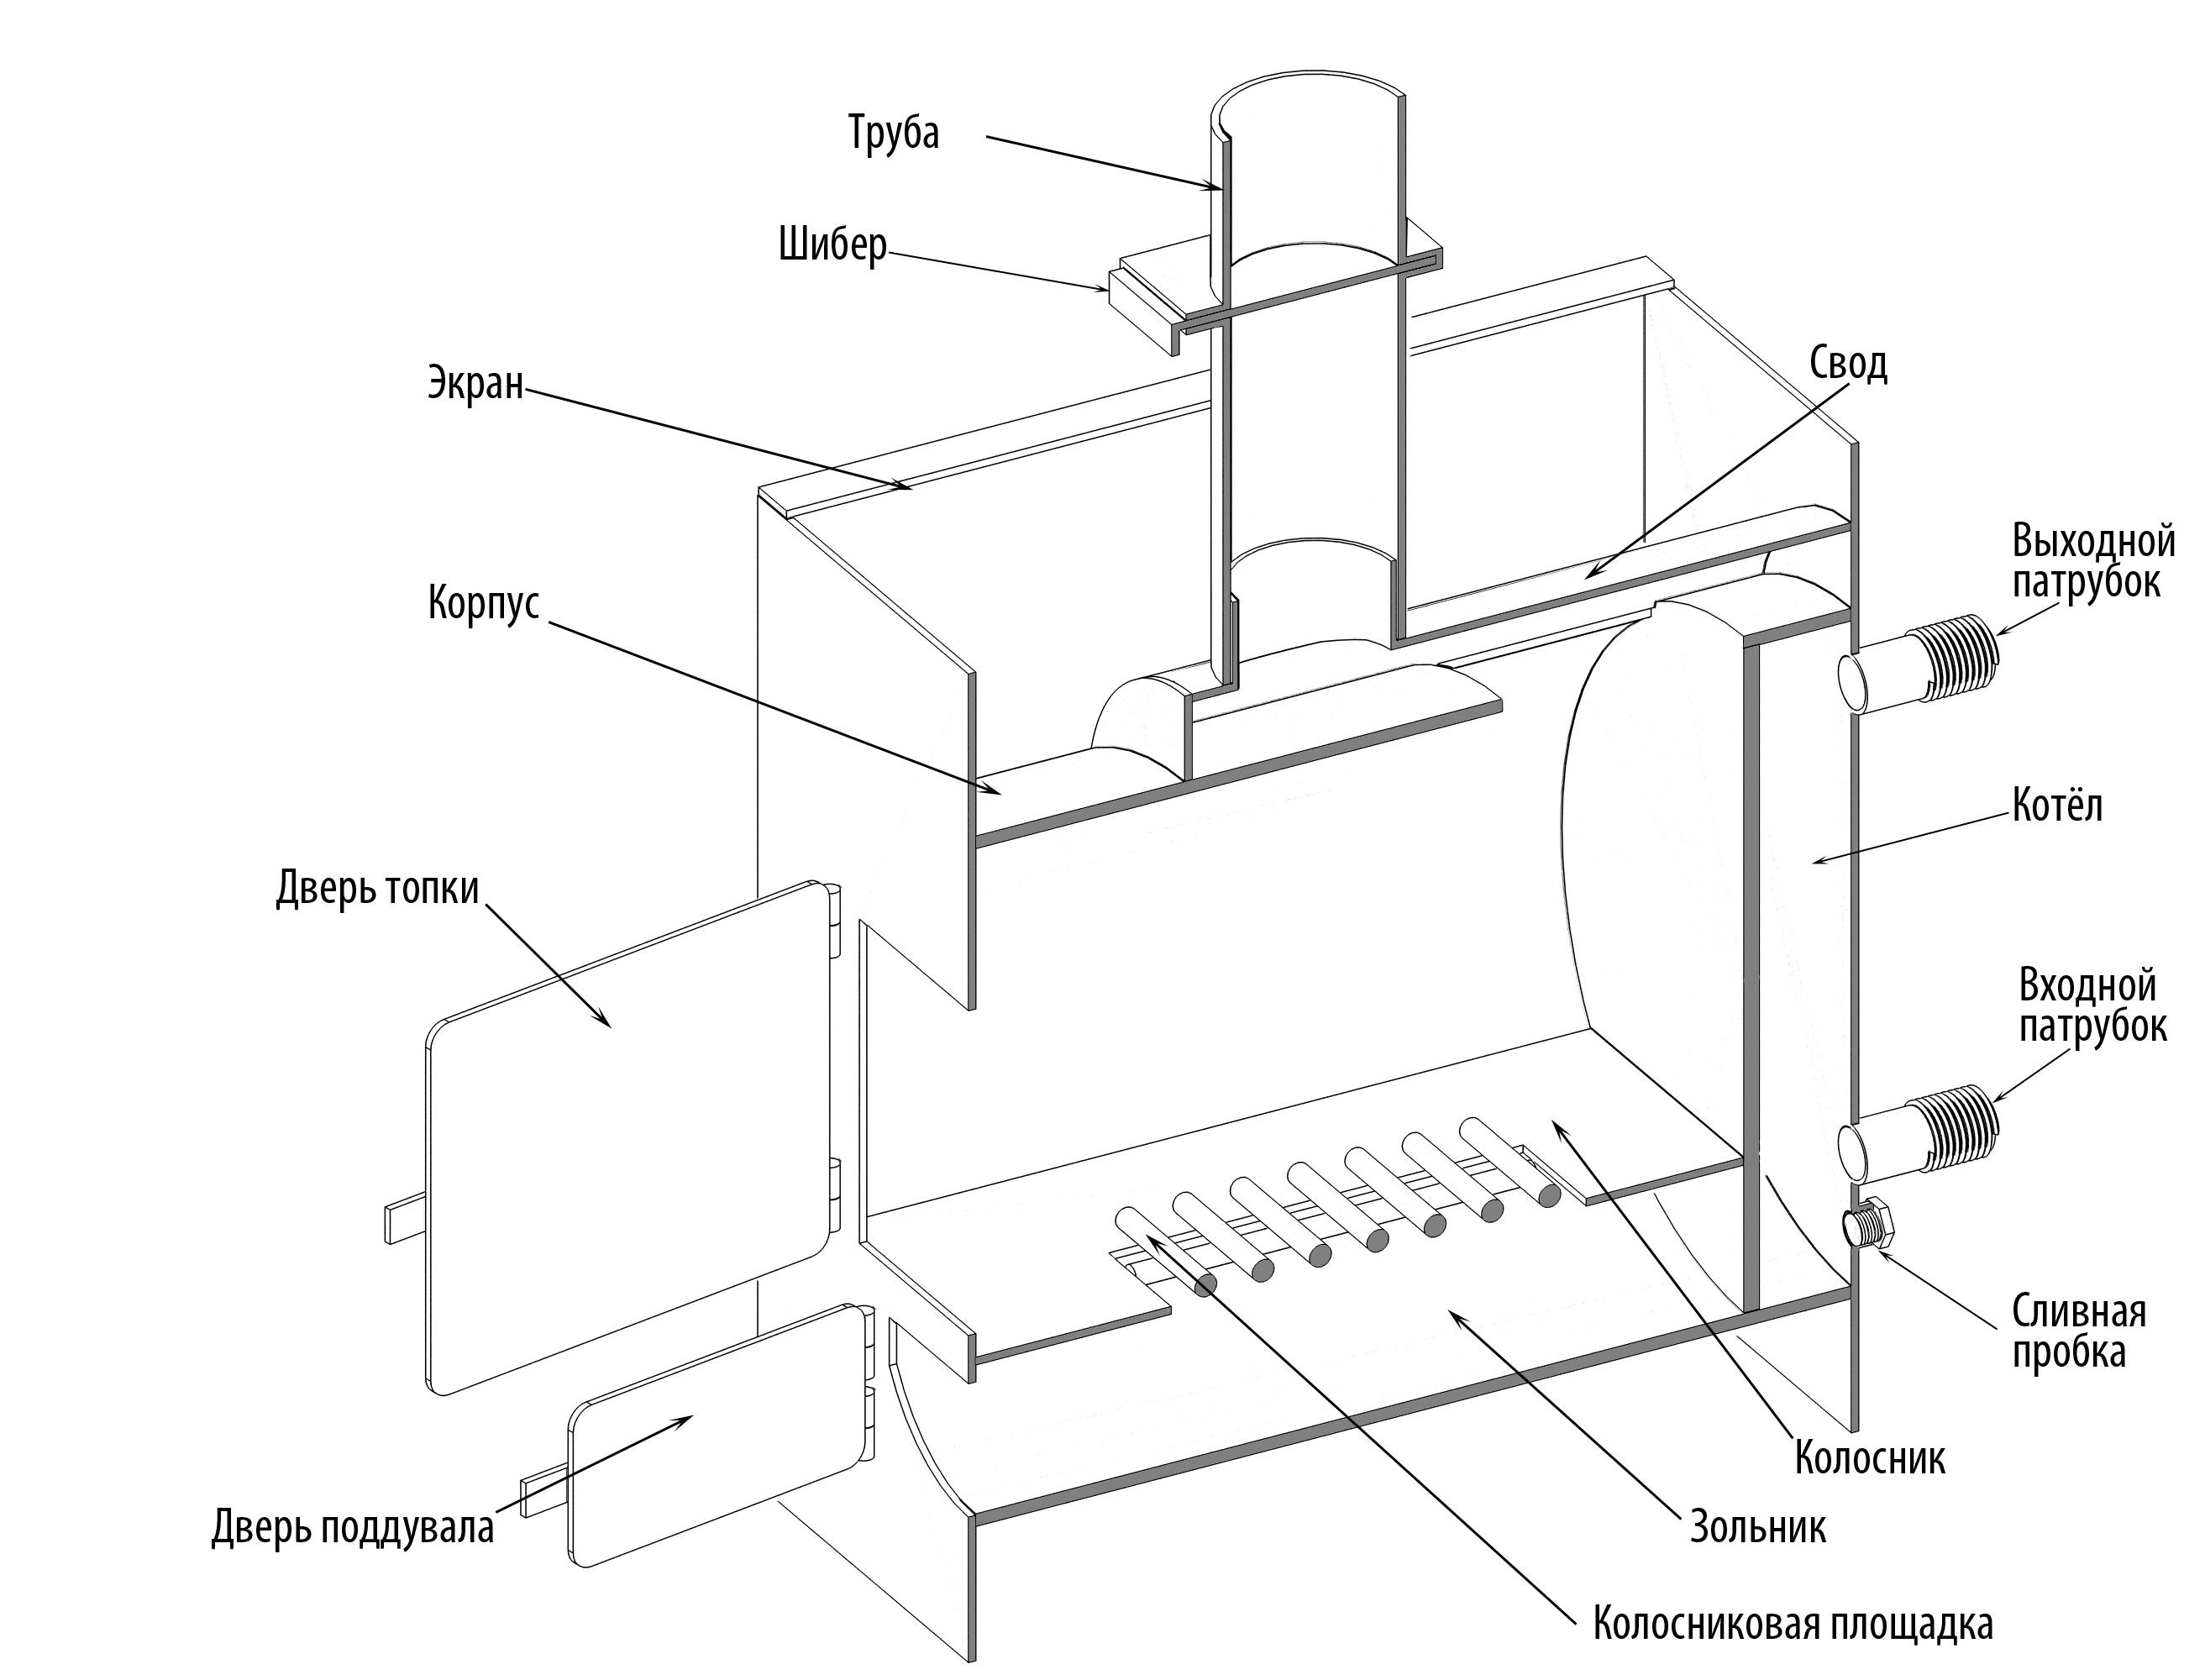 Как сварить печь для бани своими руками - изготовление металлической печи   чертежи